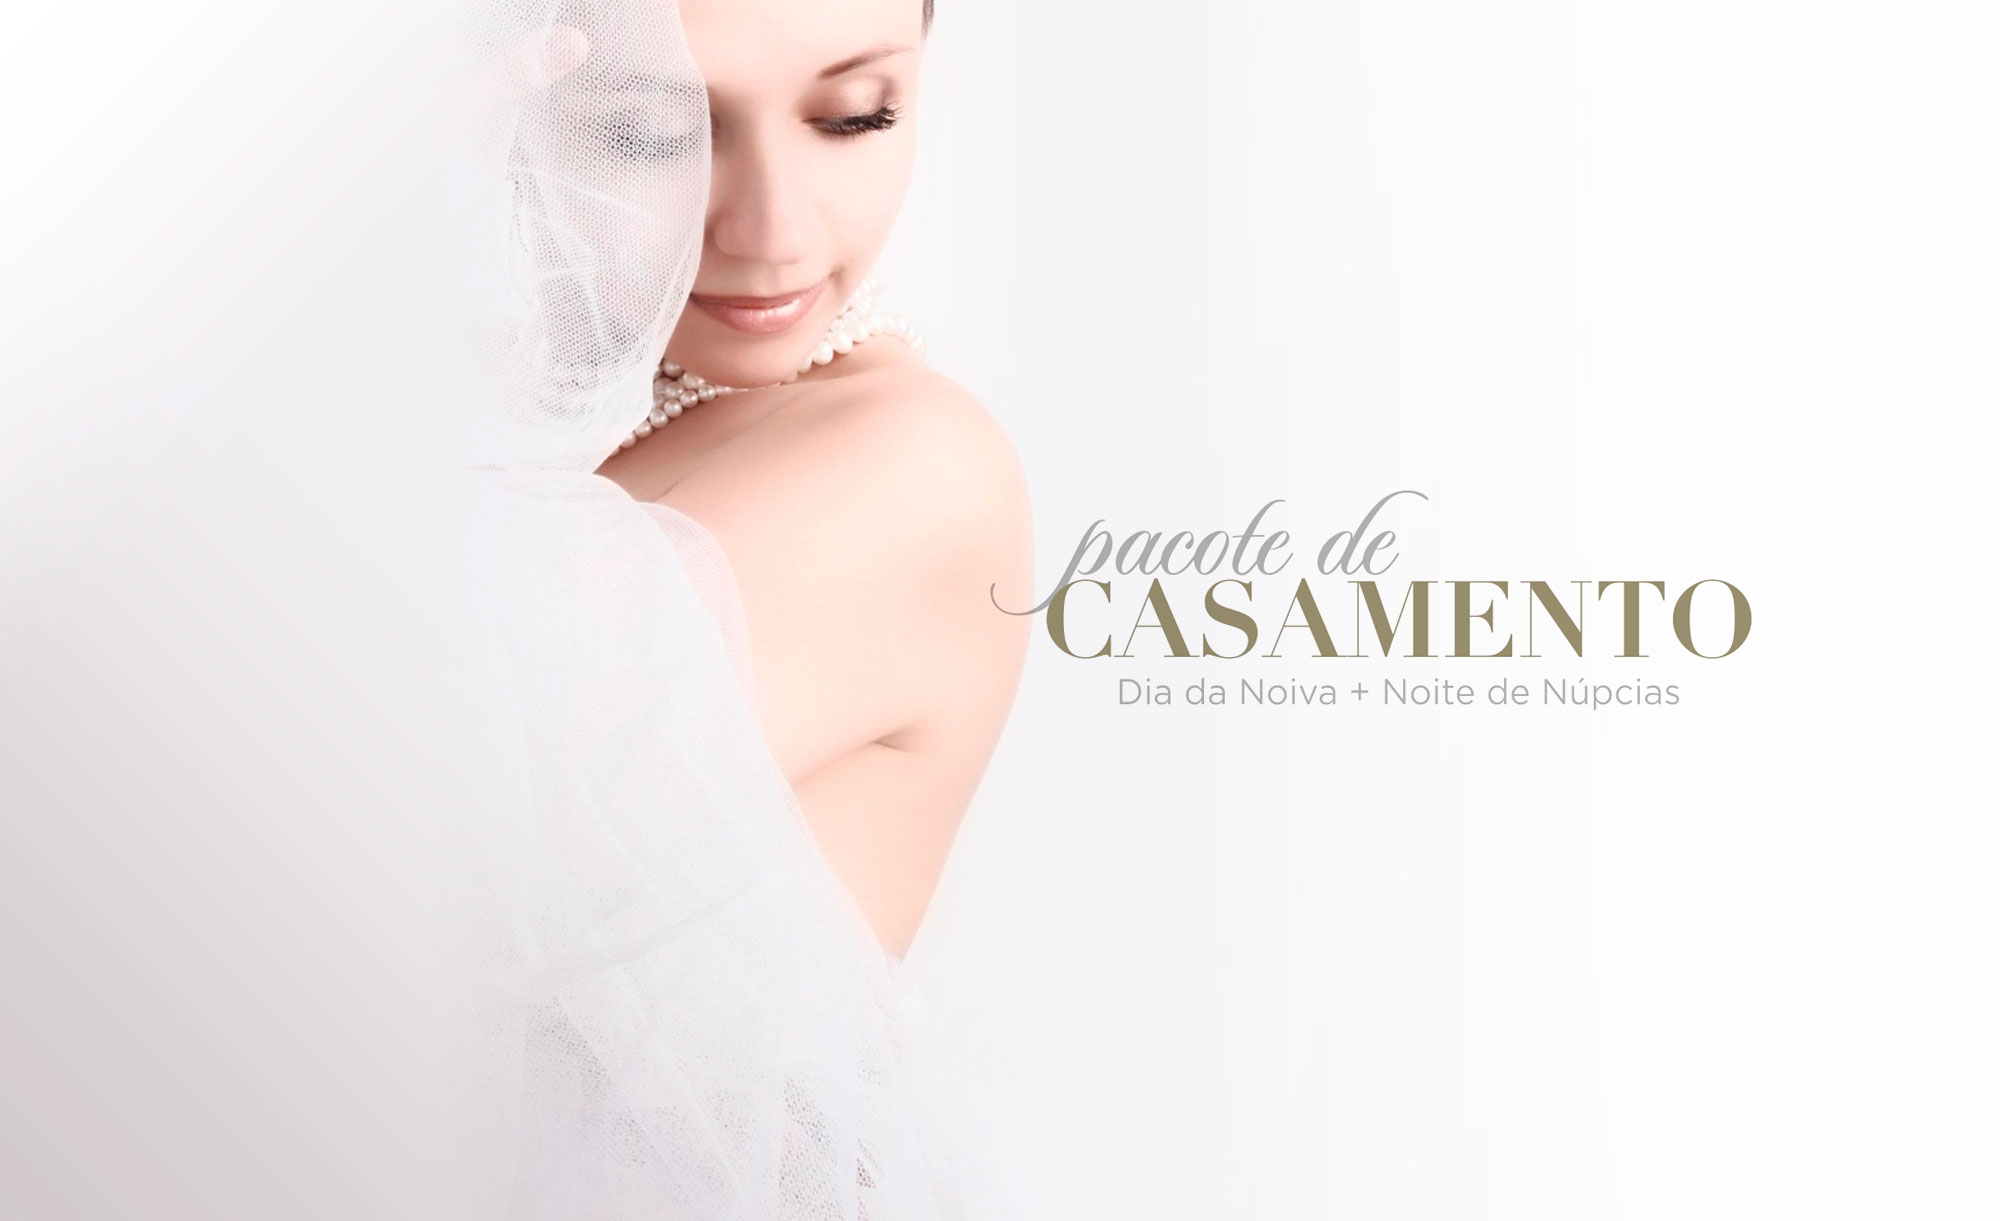 Banner – Pacote de Casamento